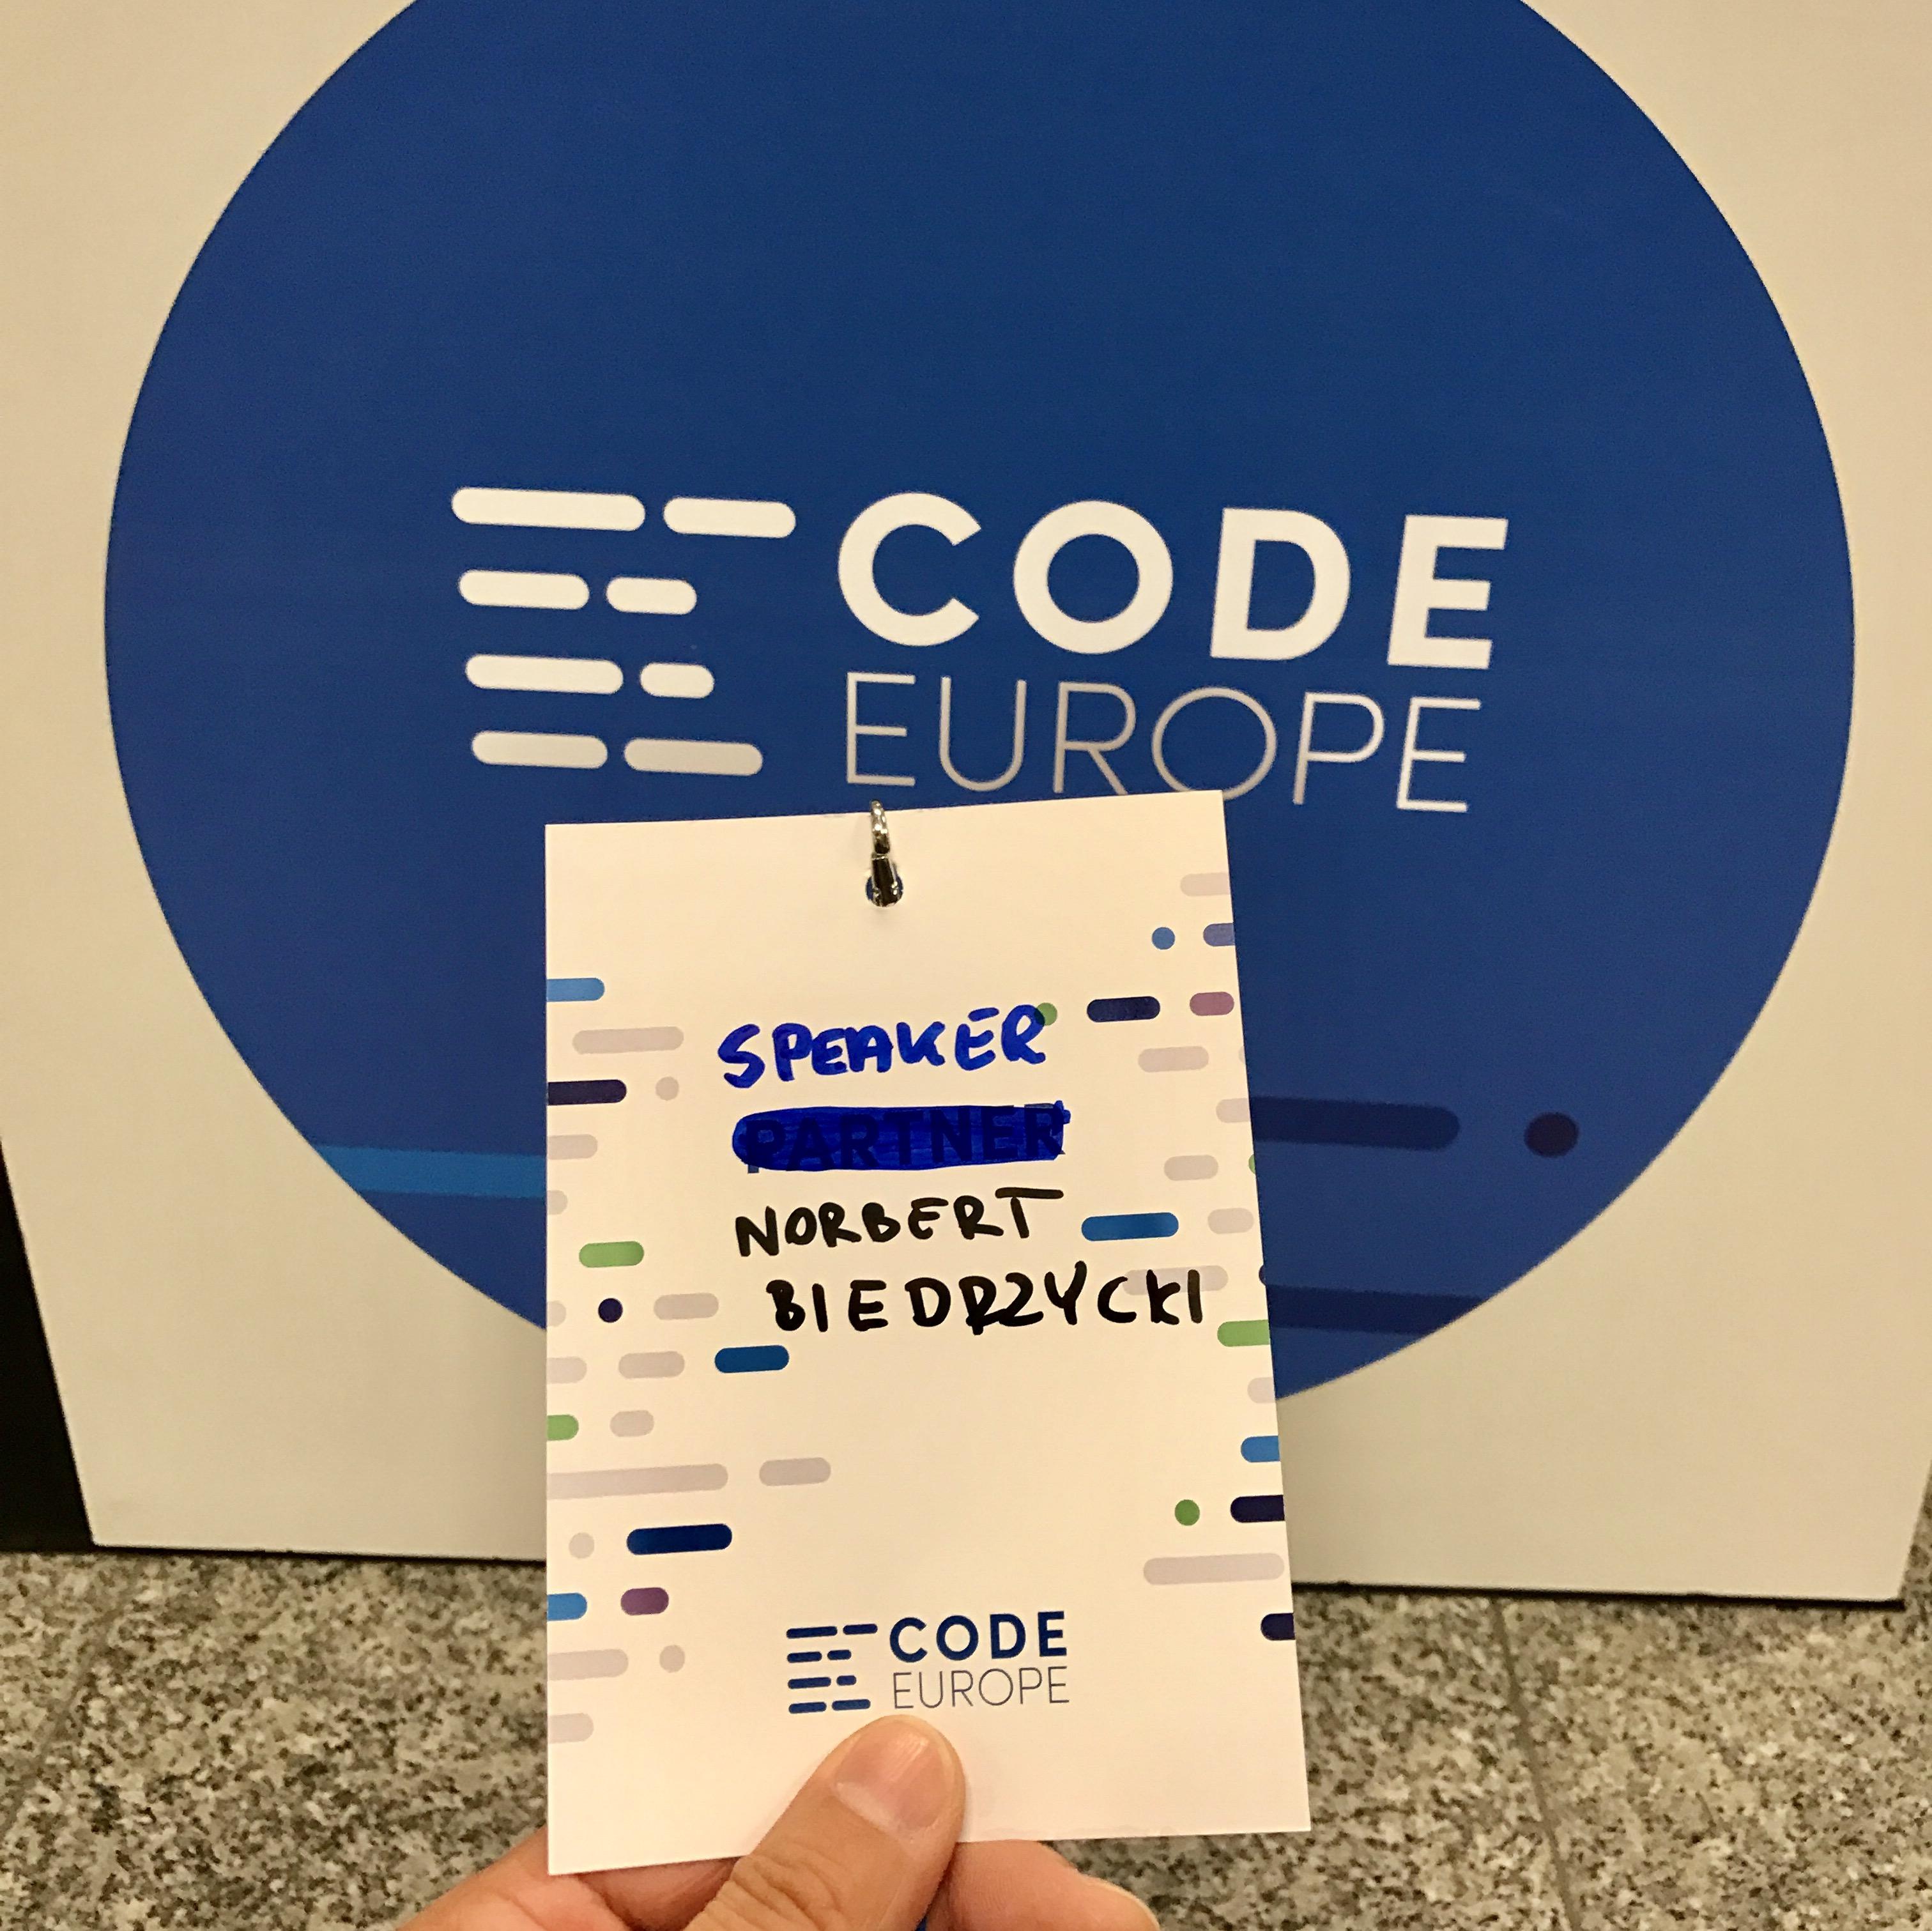 Pic_2 code europe 2017 Norbert Biedrzycki